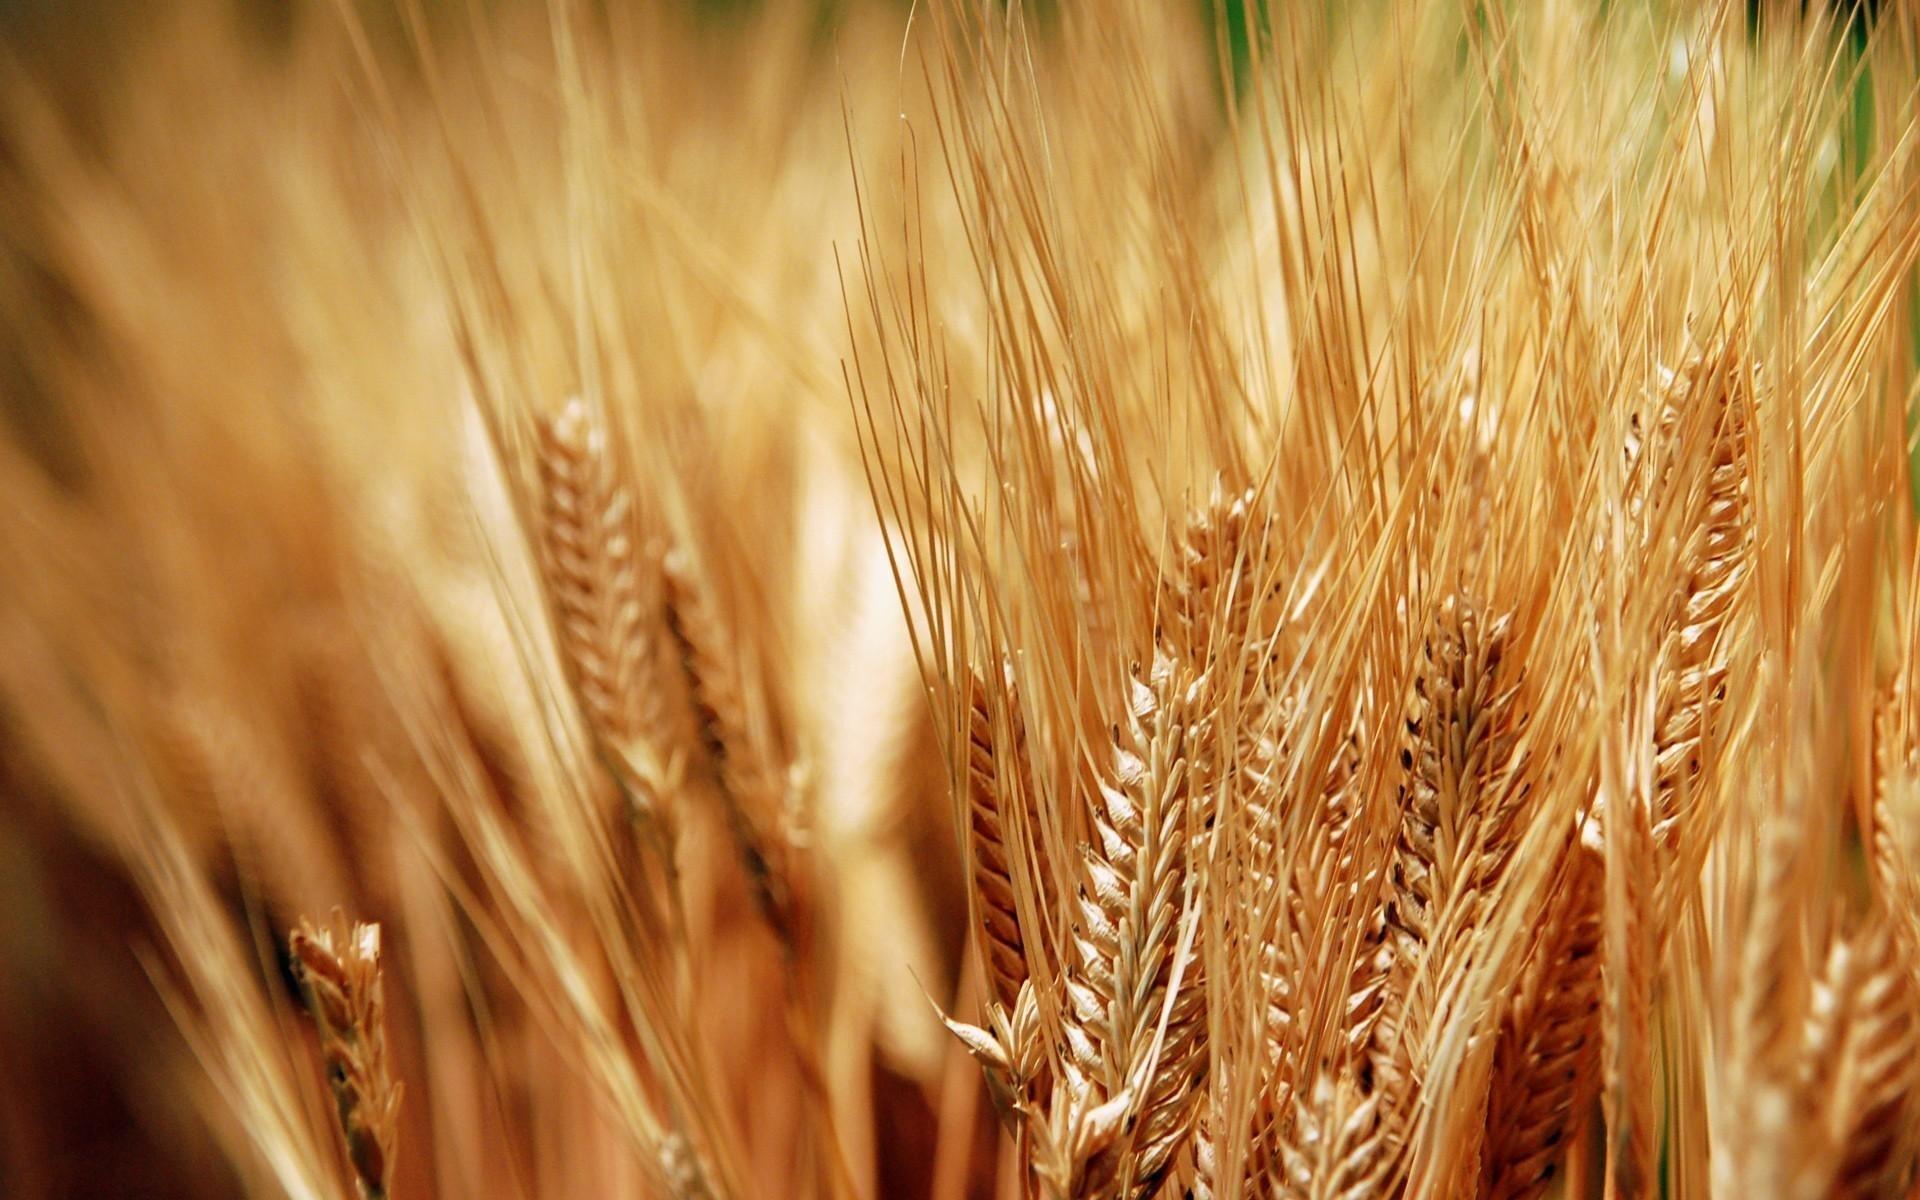 кабинете зерновые картинки для презентации инету дали